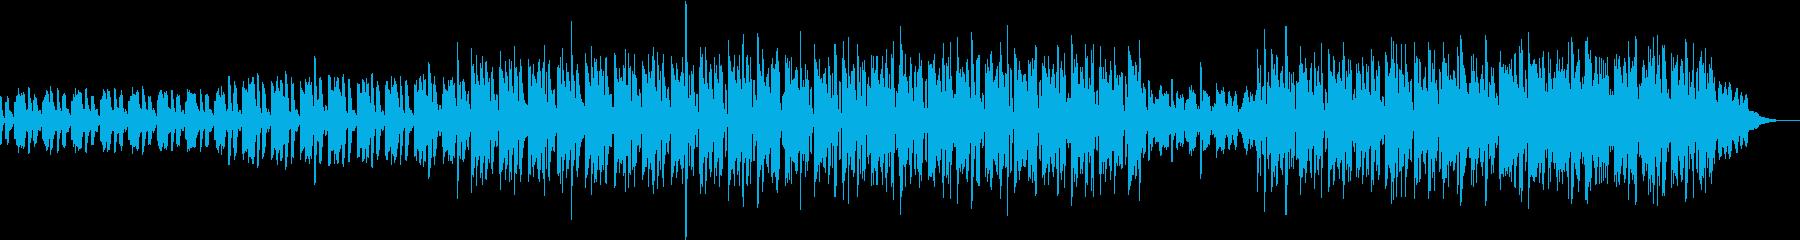 弾けるような音が印象的な電子音ポップの再生済みの波形